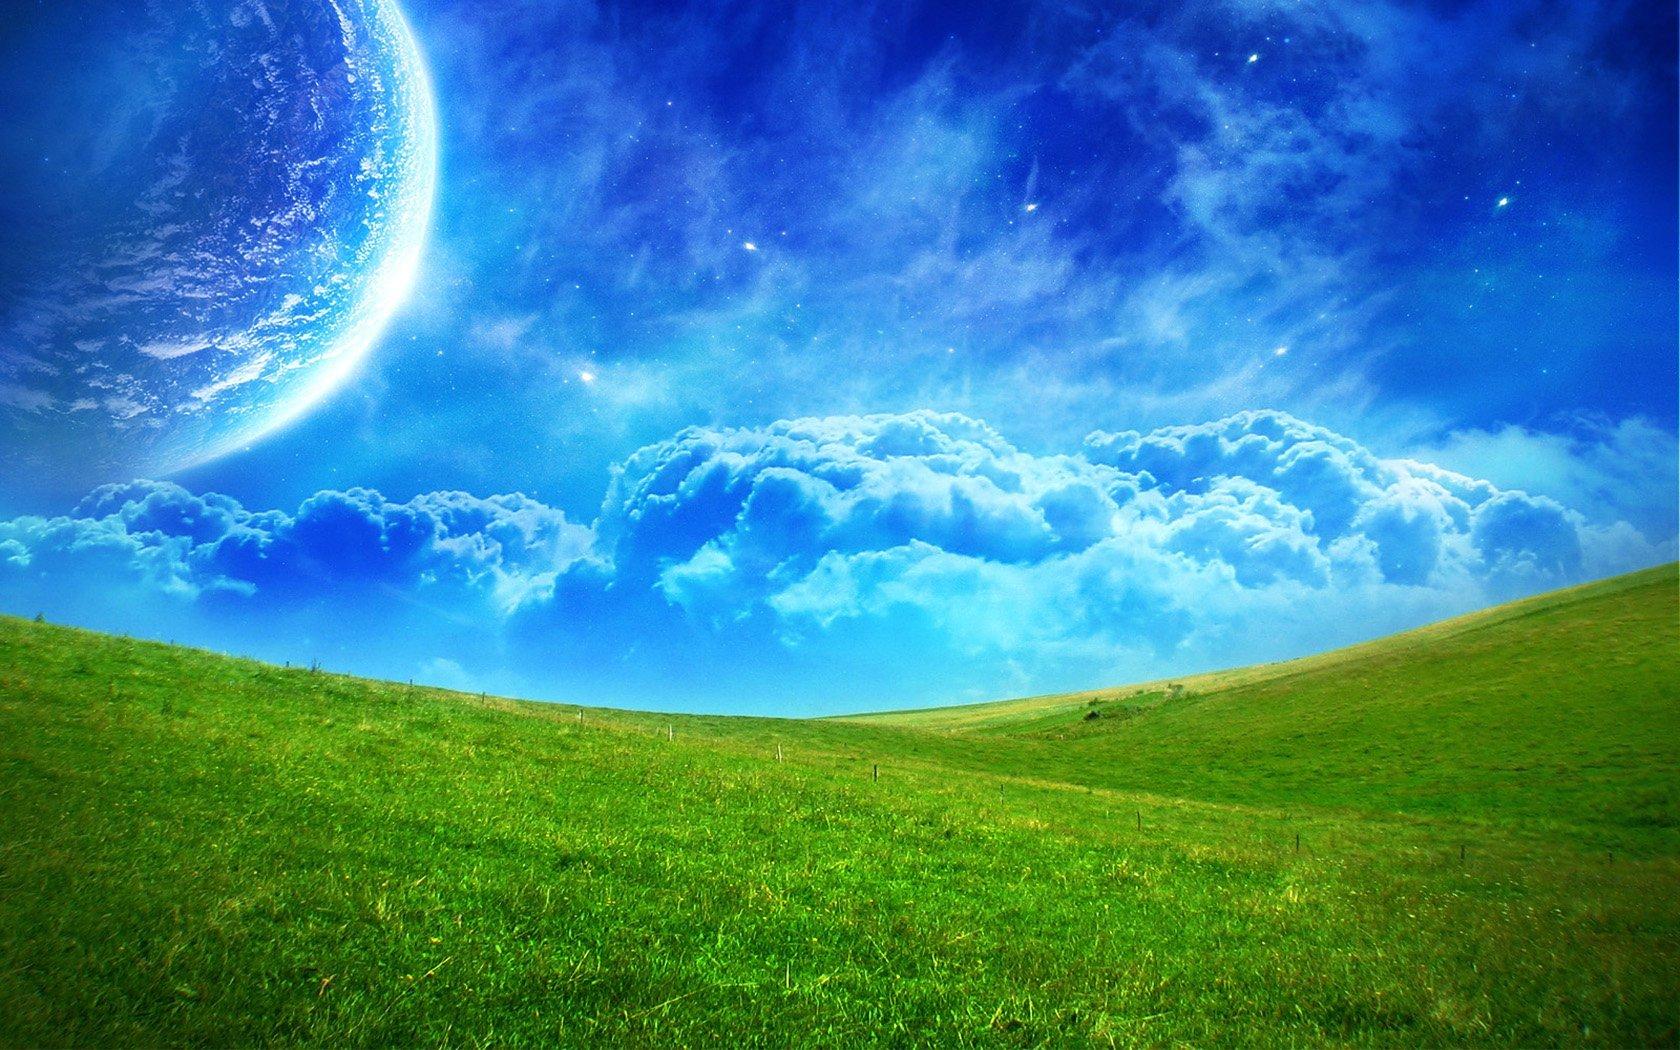 Grassland Background